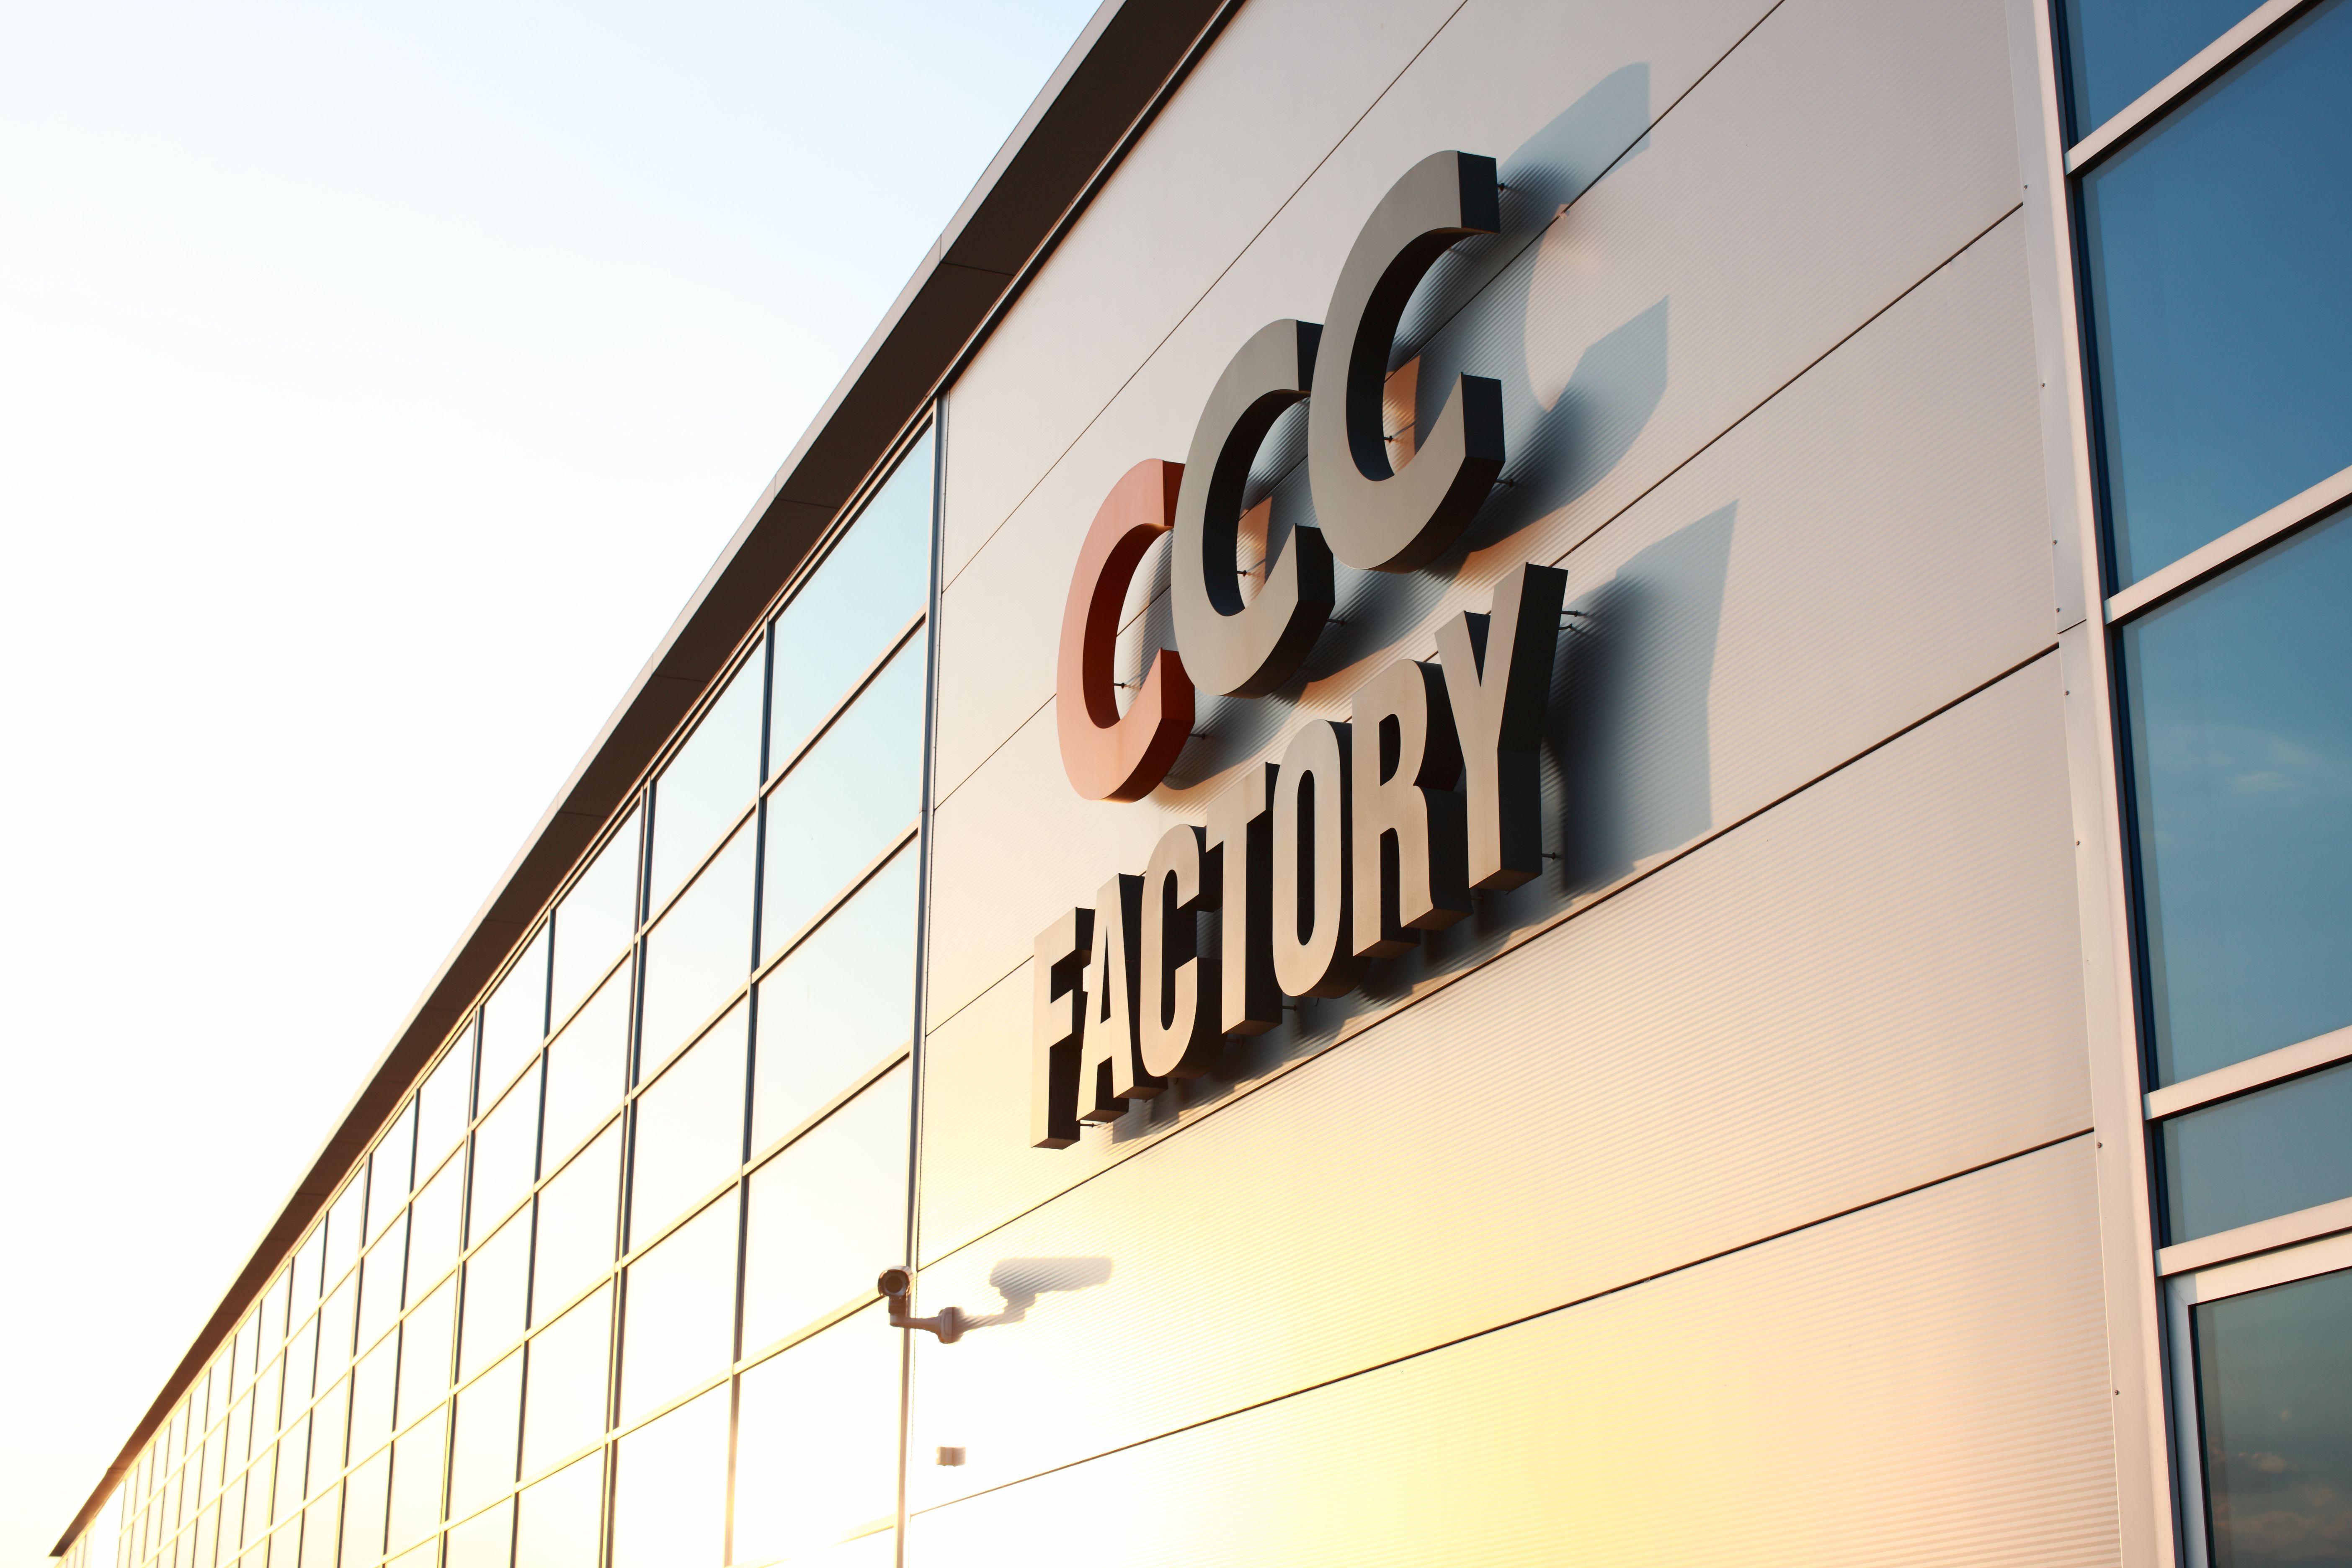 CCC wykorzysta nowe technologie, aby zautomatyzować grafik pracowniczy (fot. ccc.eu)